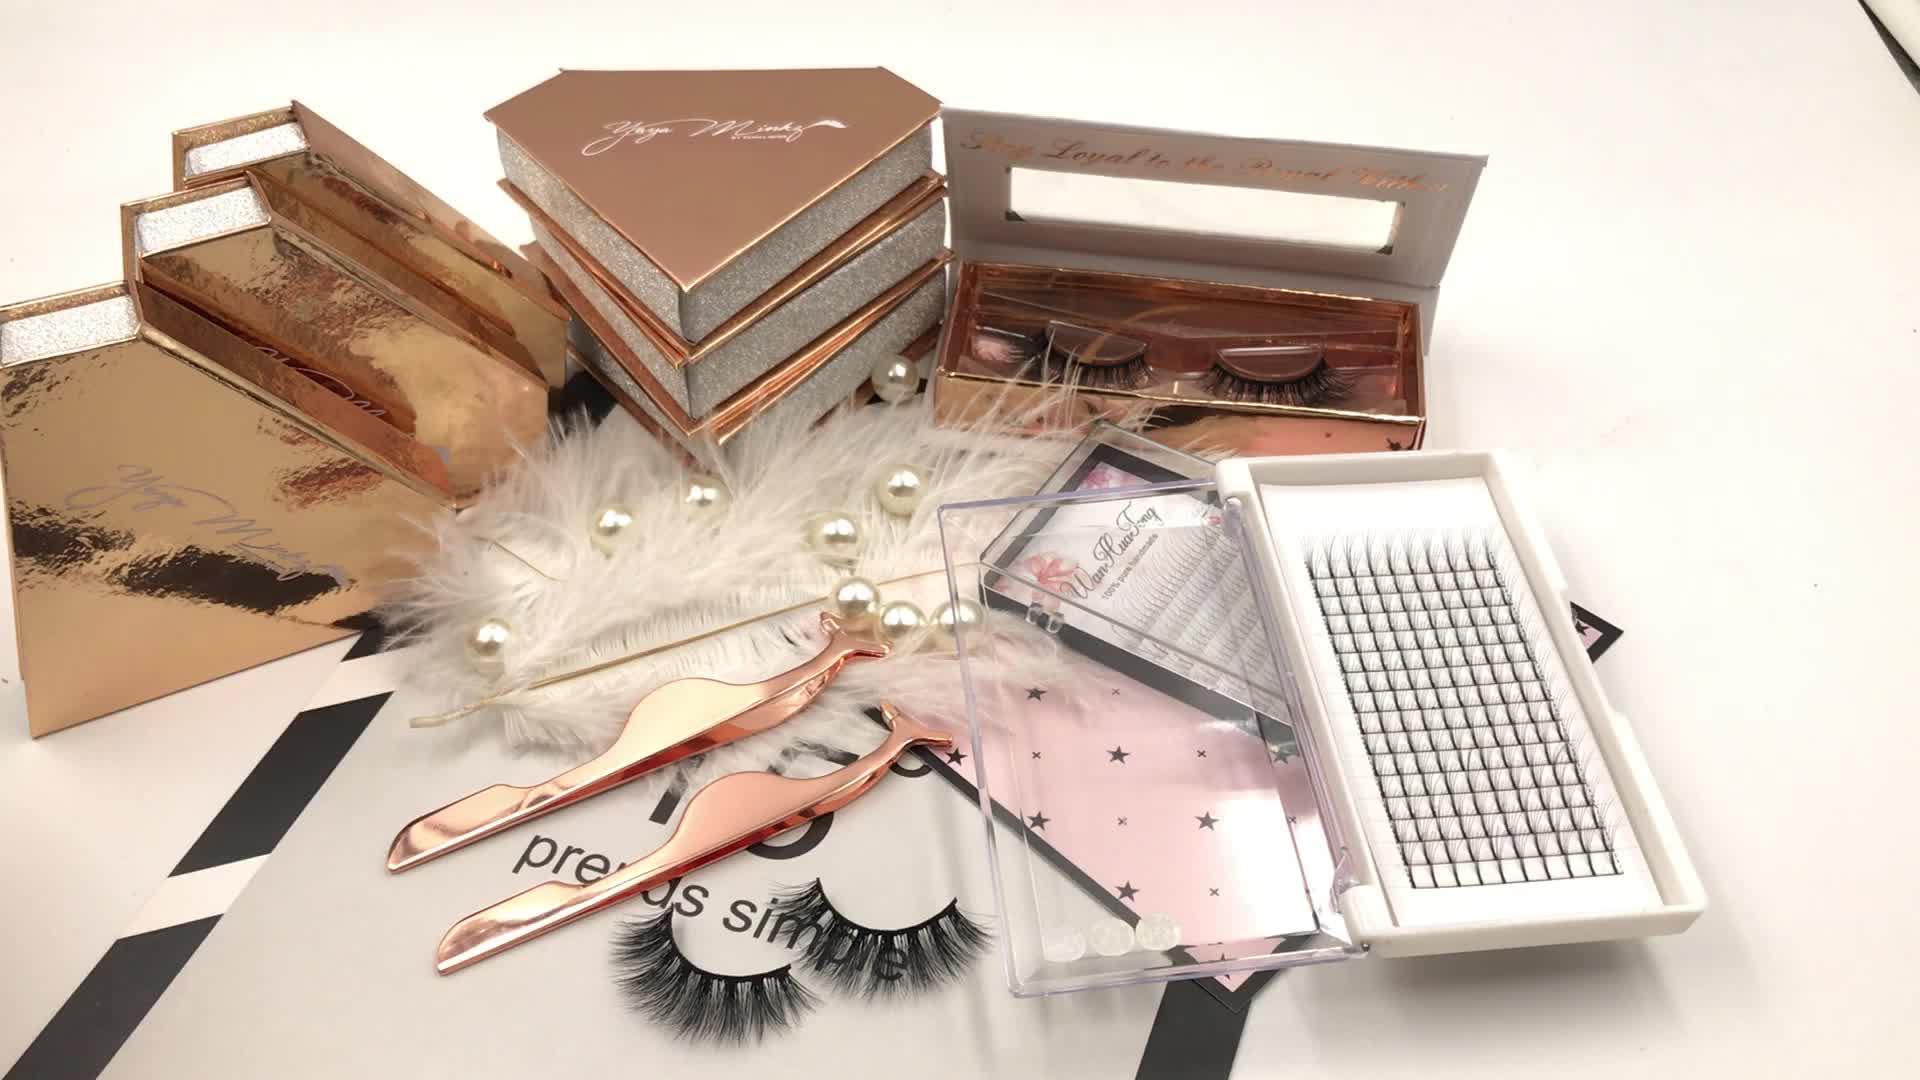 Falsche Wimpern des Großhandels kundenspezifische Wimper, die Nerz-Wimpern 3D verpackt